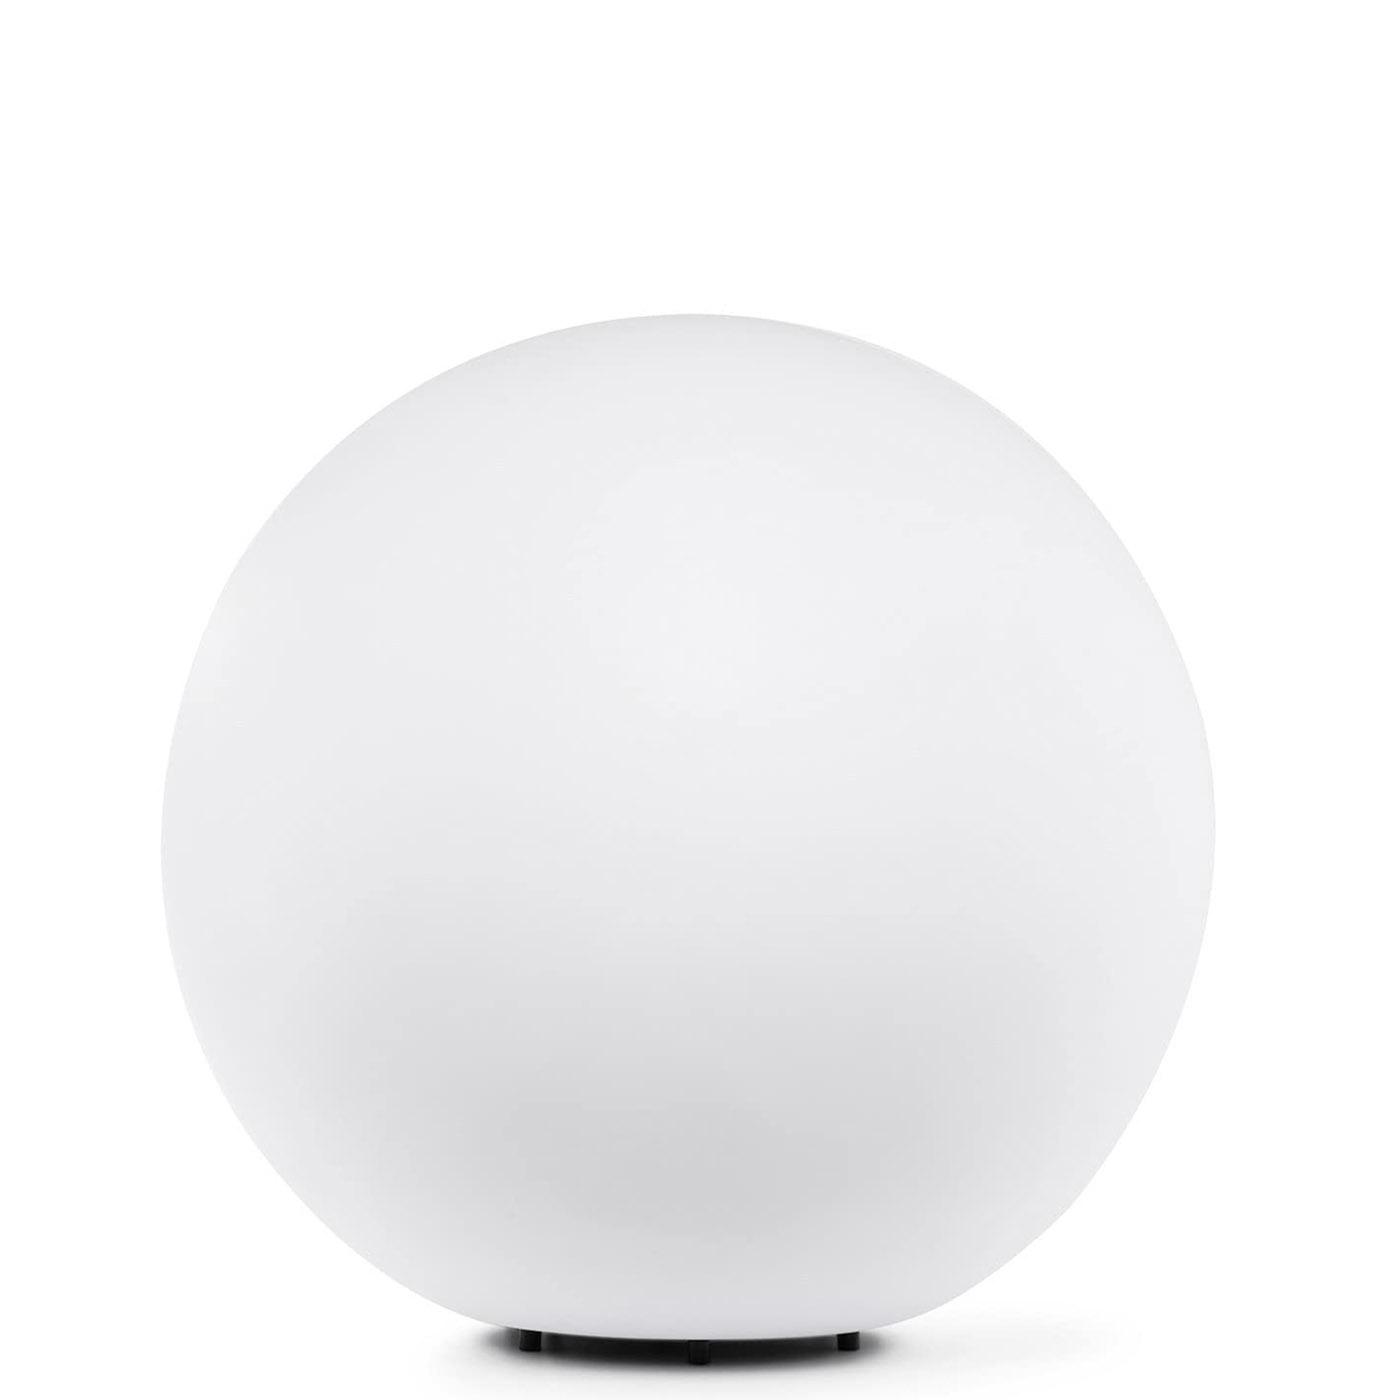 Ylumen Buitenlamp Globe Ø 30 cm wit